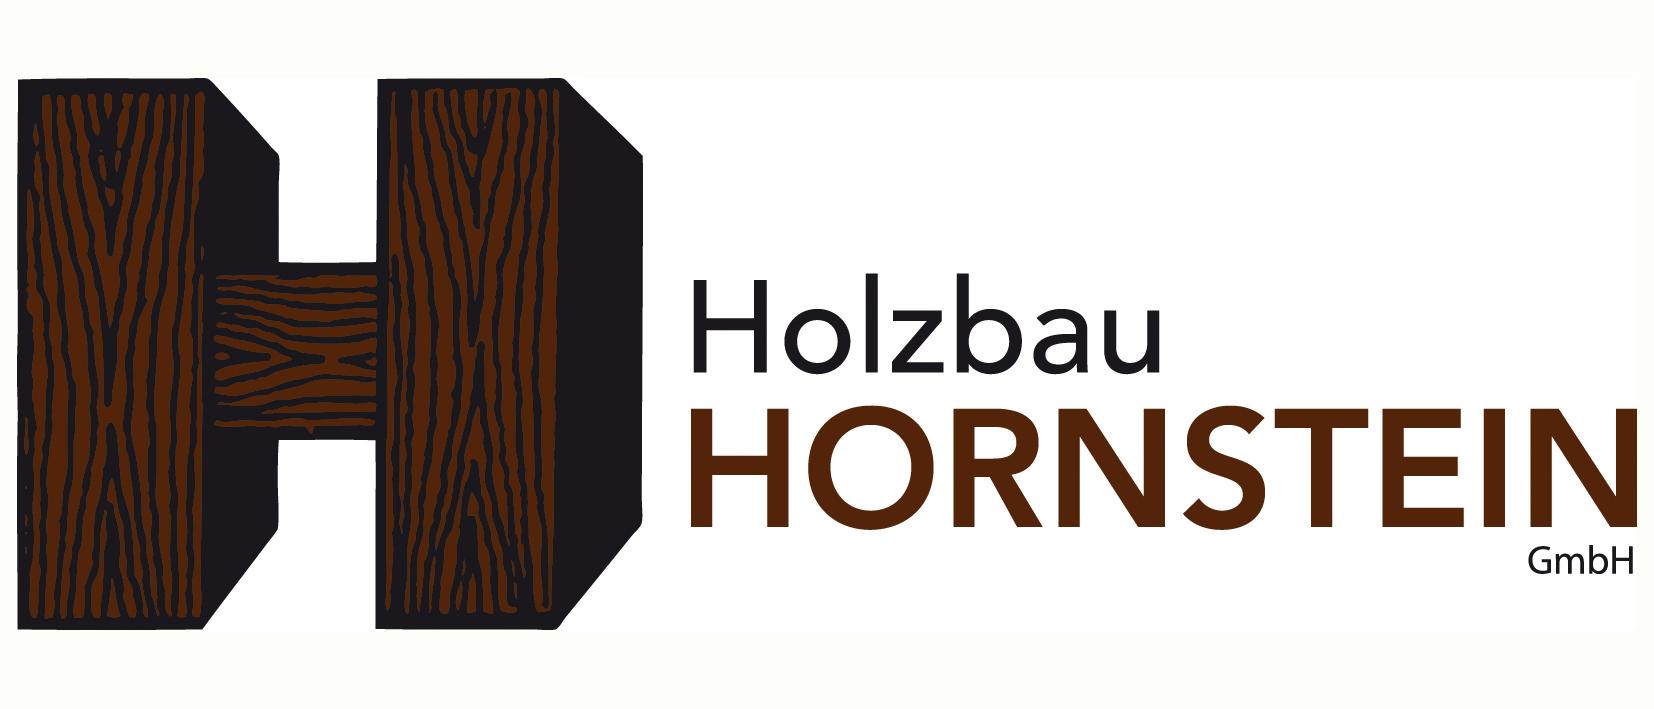 Holzbau Hornstein GmbH